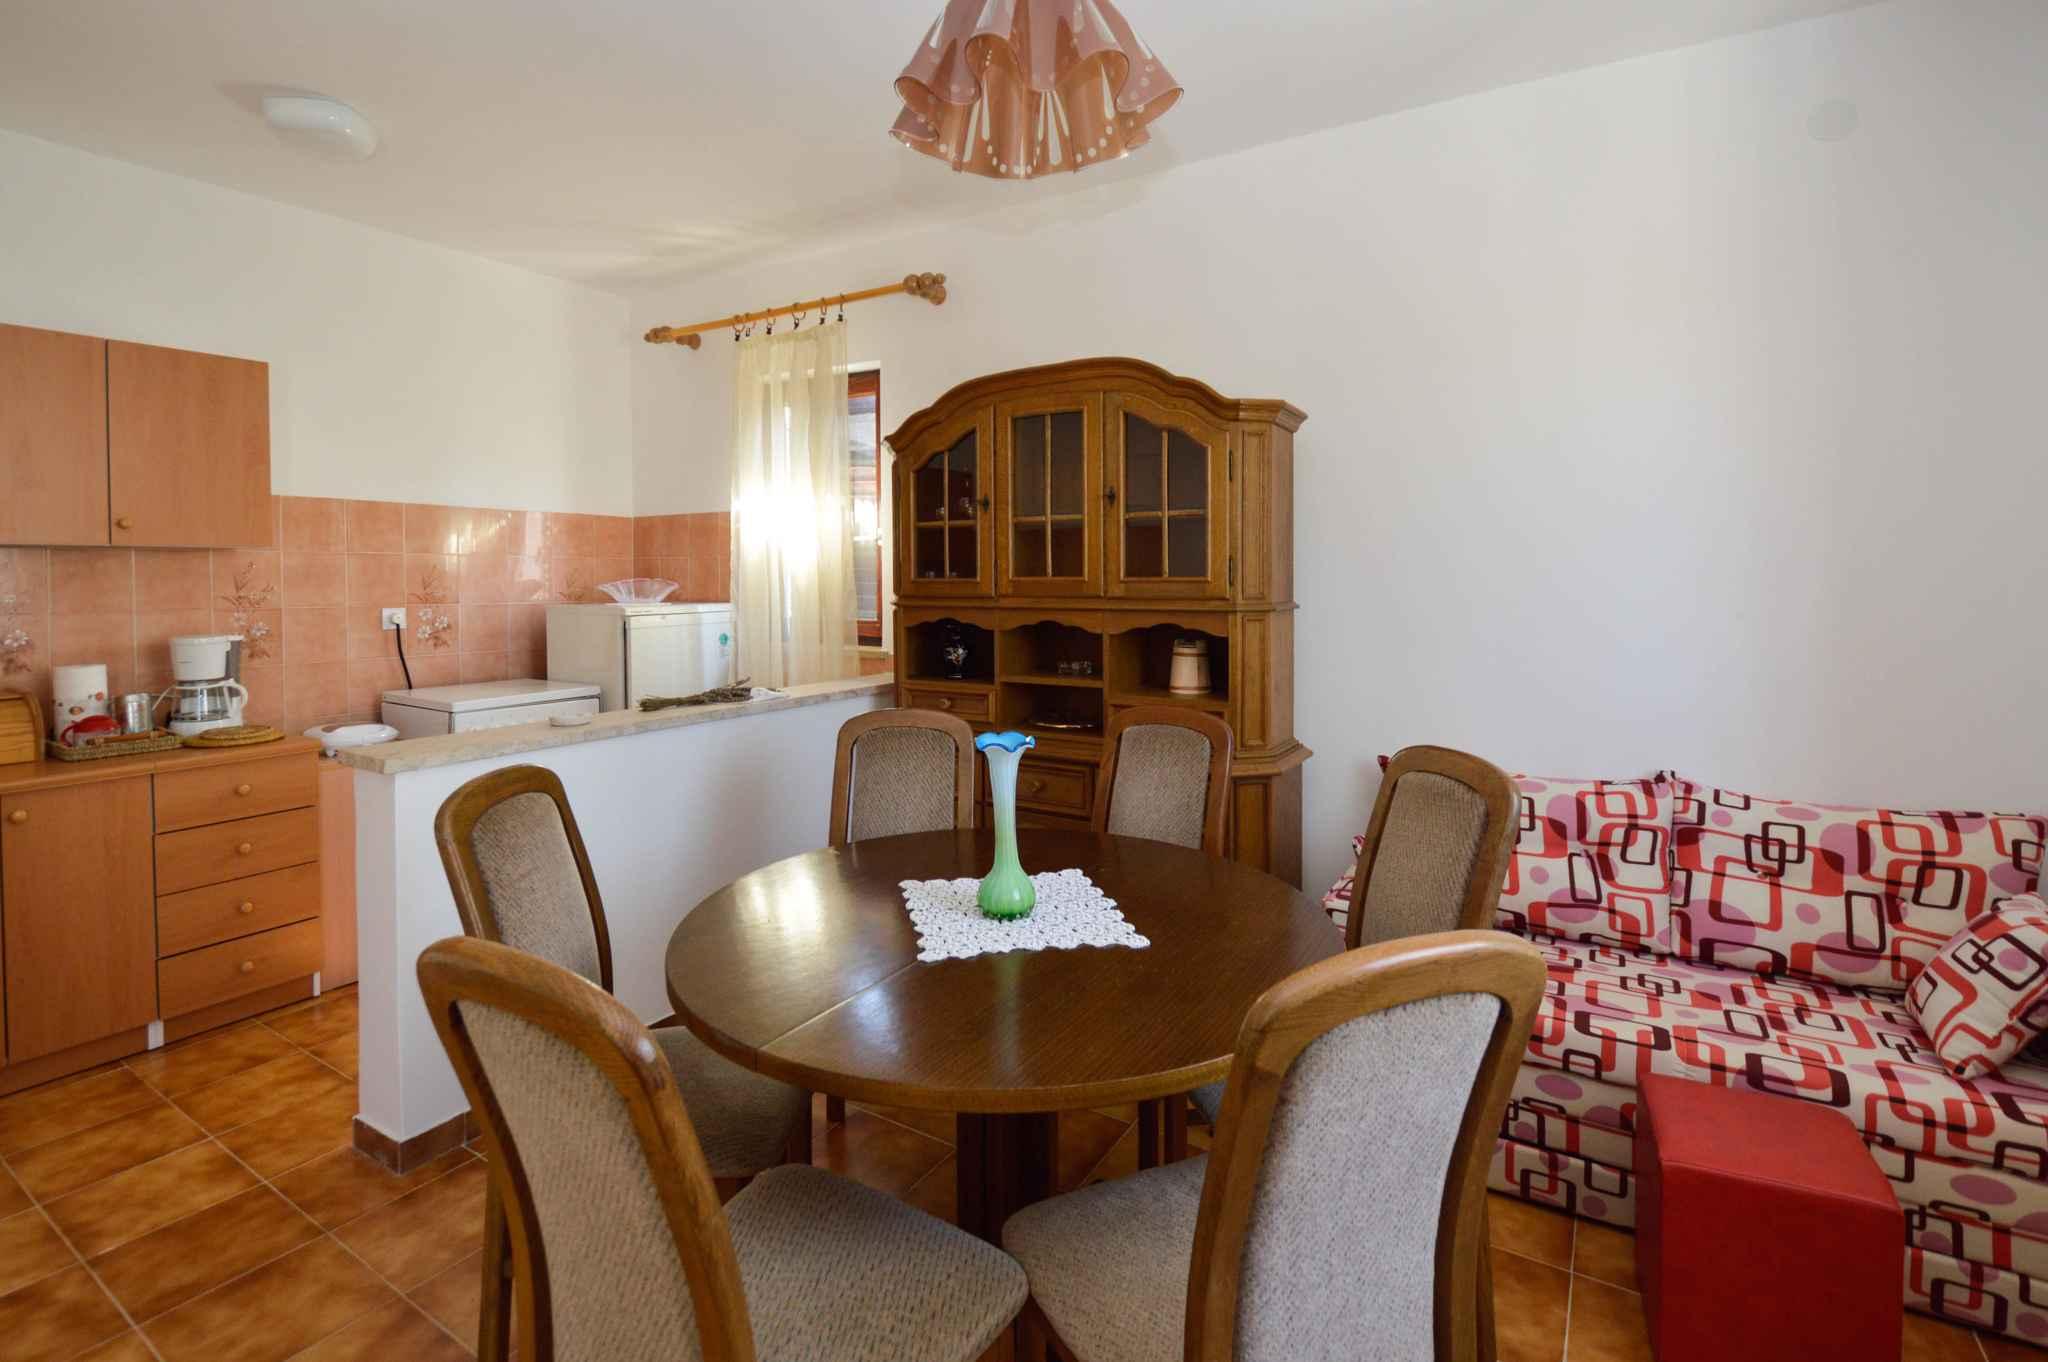 Ferienhaus mit Aussenpool im Dorf (974973), Marcana, , Istrien, Kroatien, Bild 7